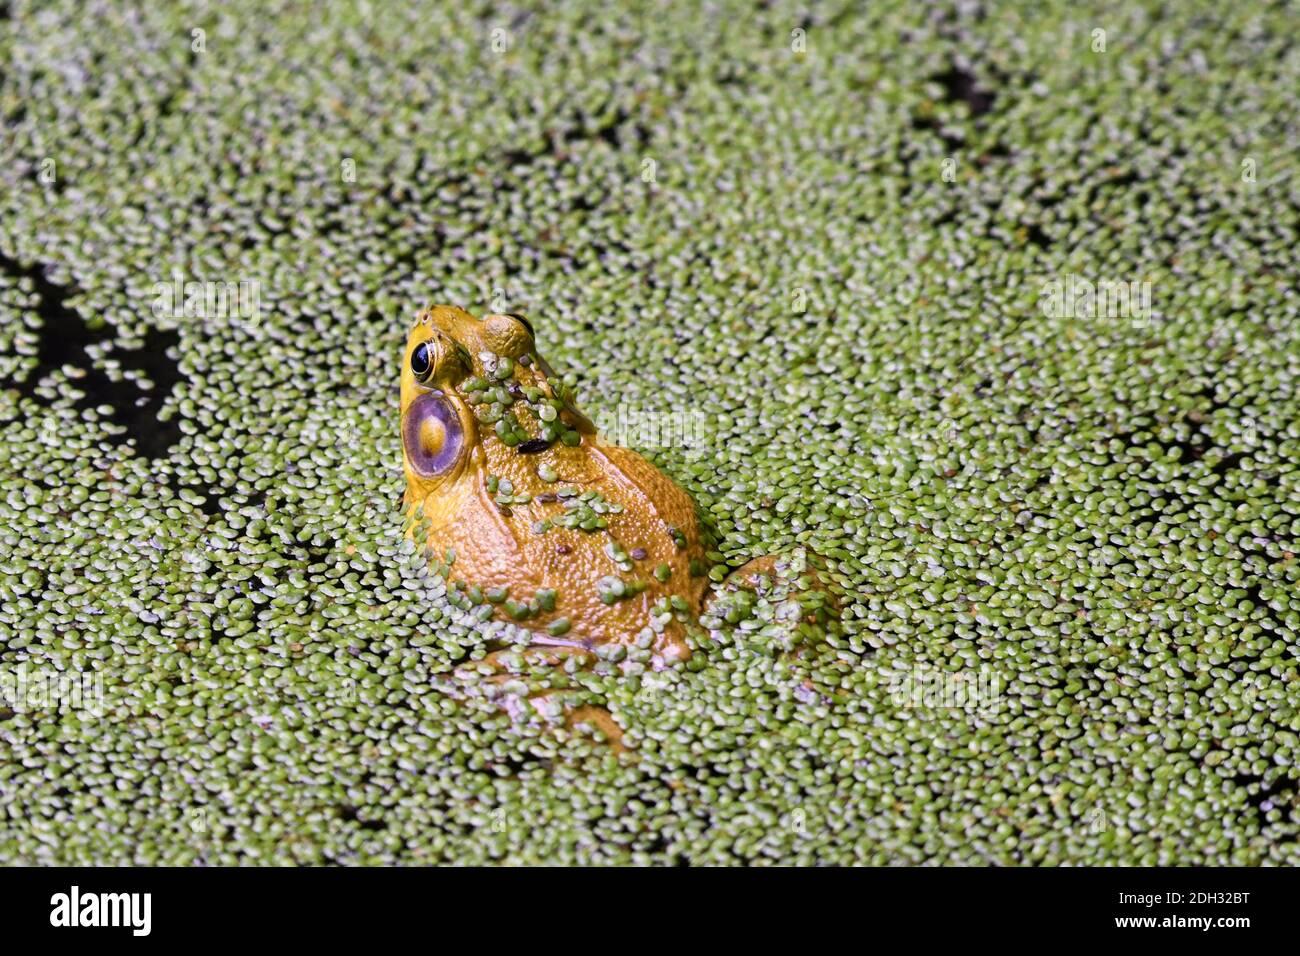 Bullfrog assis dans un étang couvert d'algues avec des algues Blooms sur Dos de grenouille et partie des pattes de grenouille provenant de l'eau Banque D'Images